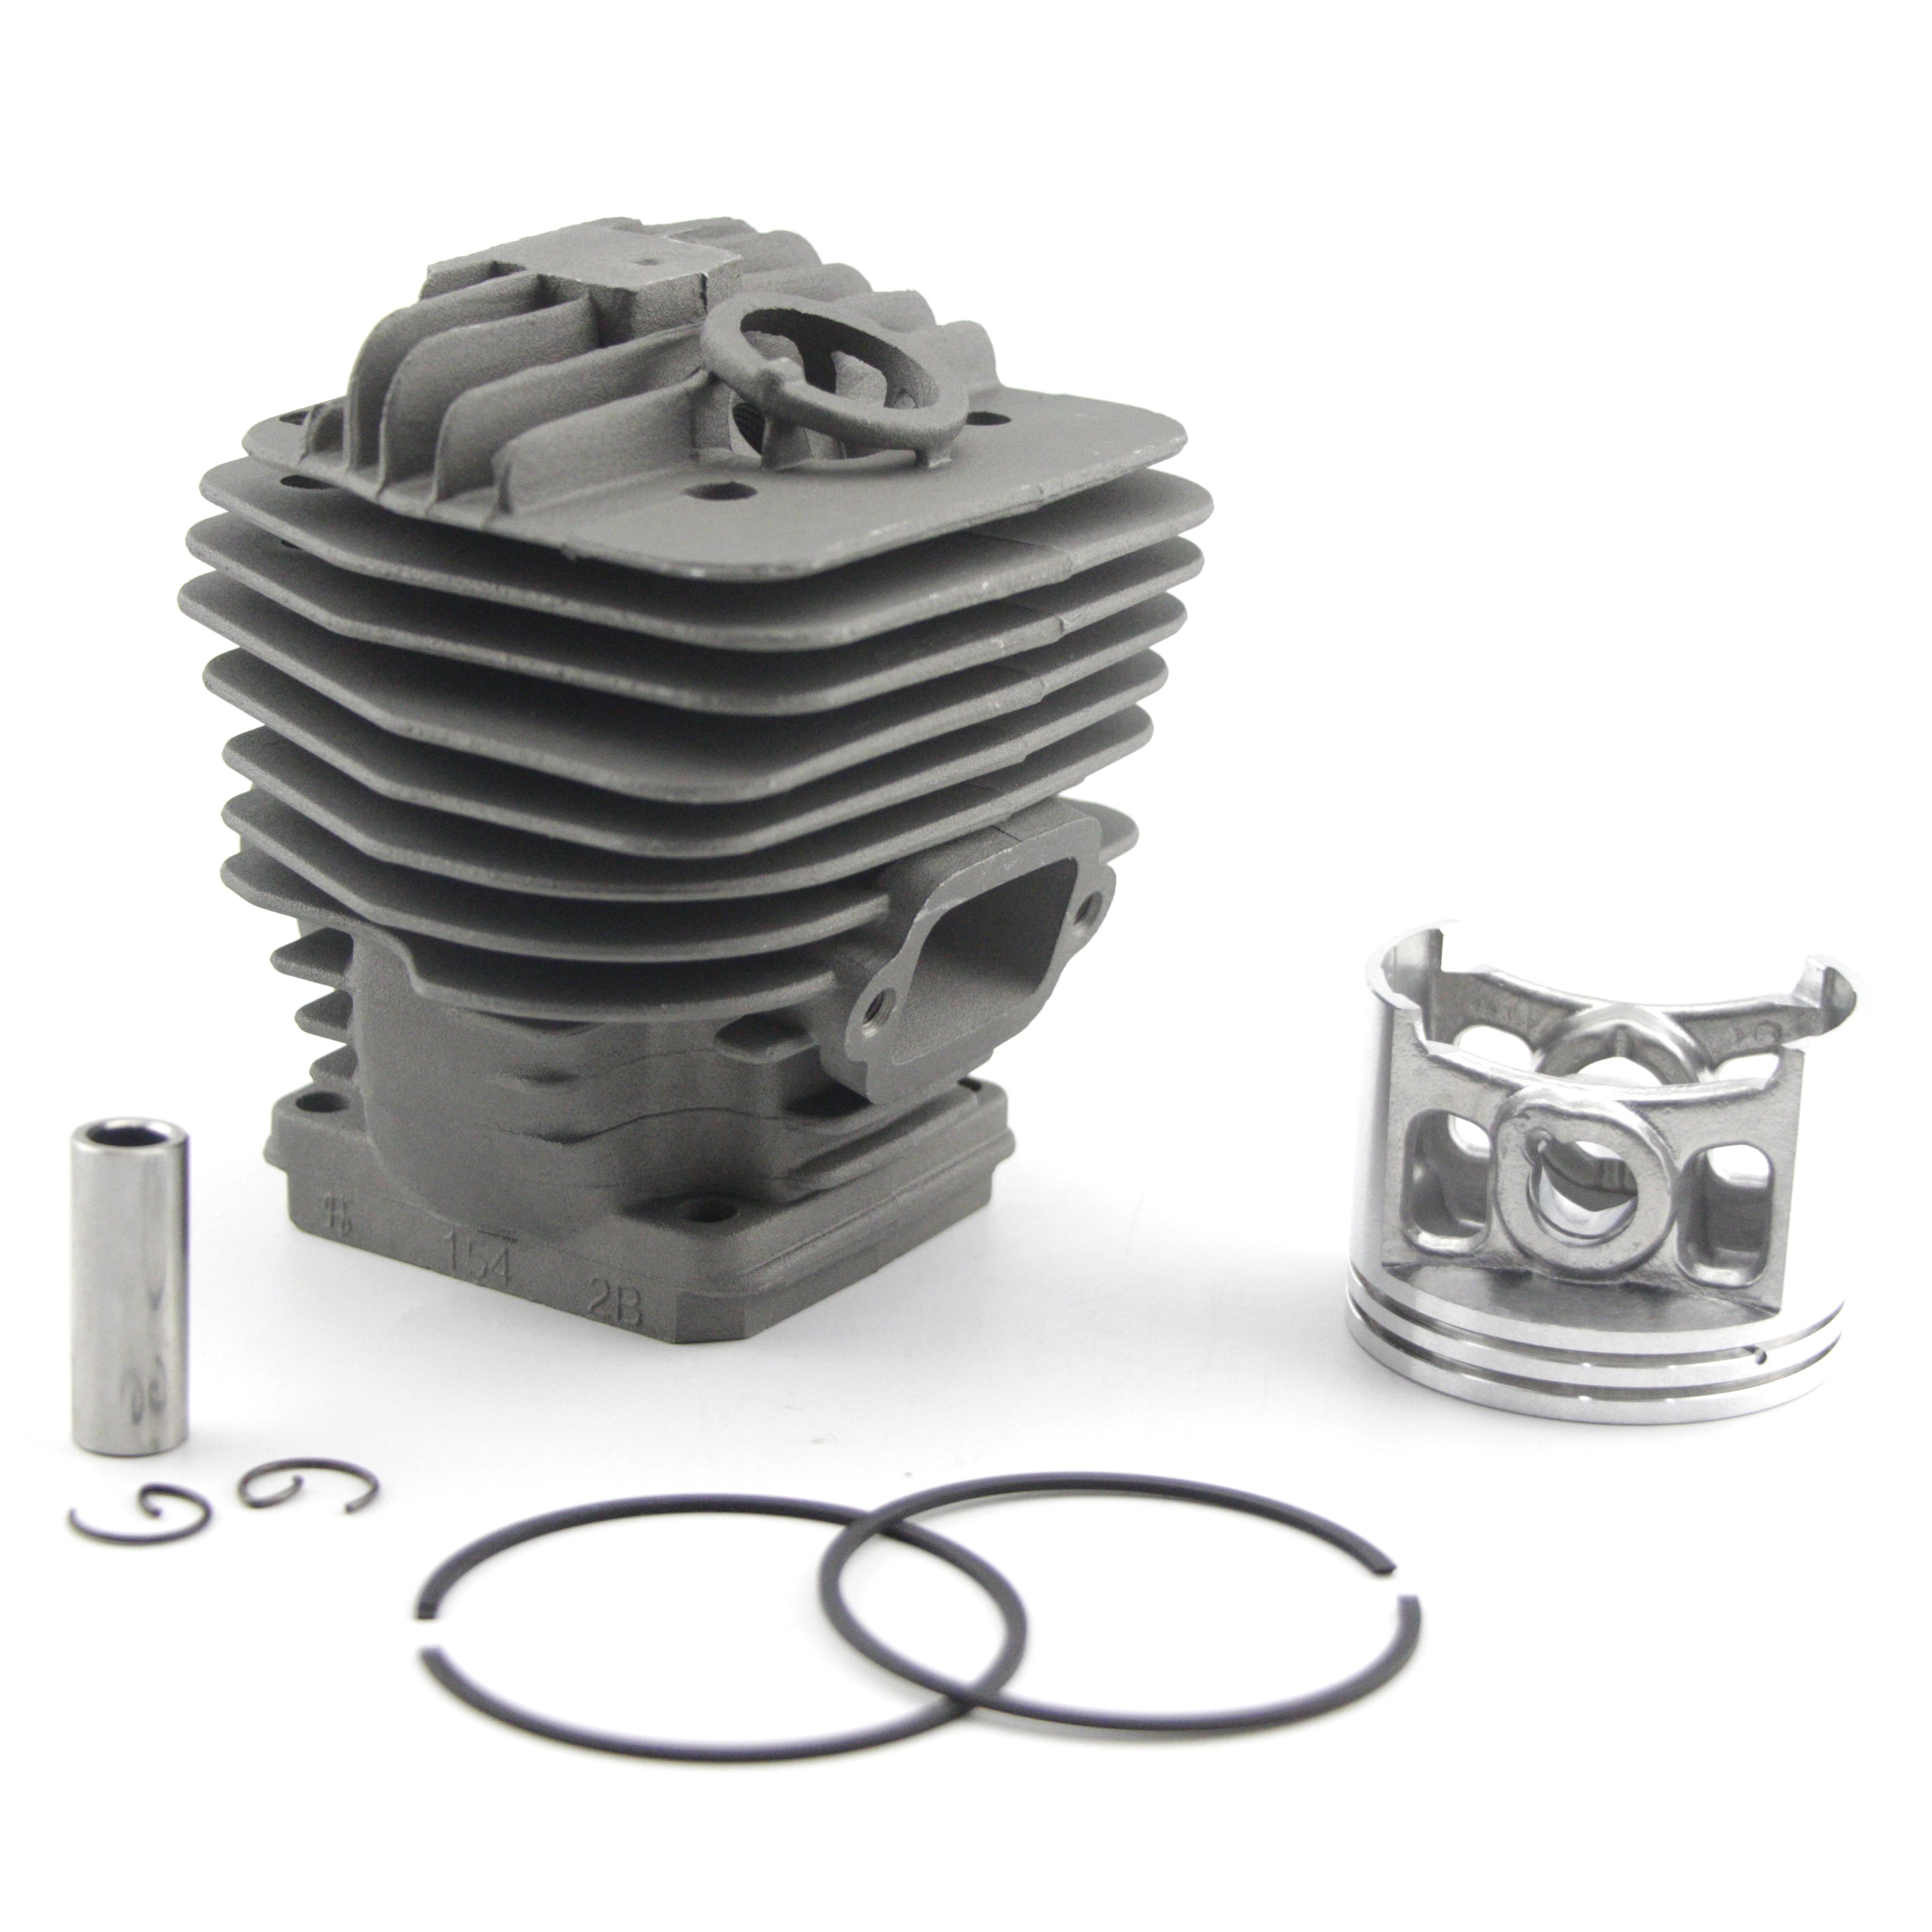 Ajustement de Piston Stihl 038 Super Tronçonneuse 50 MM